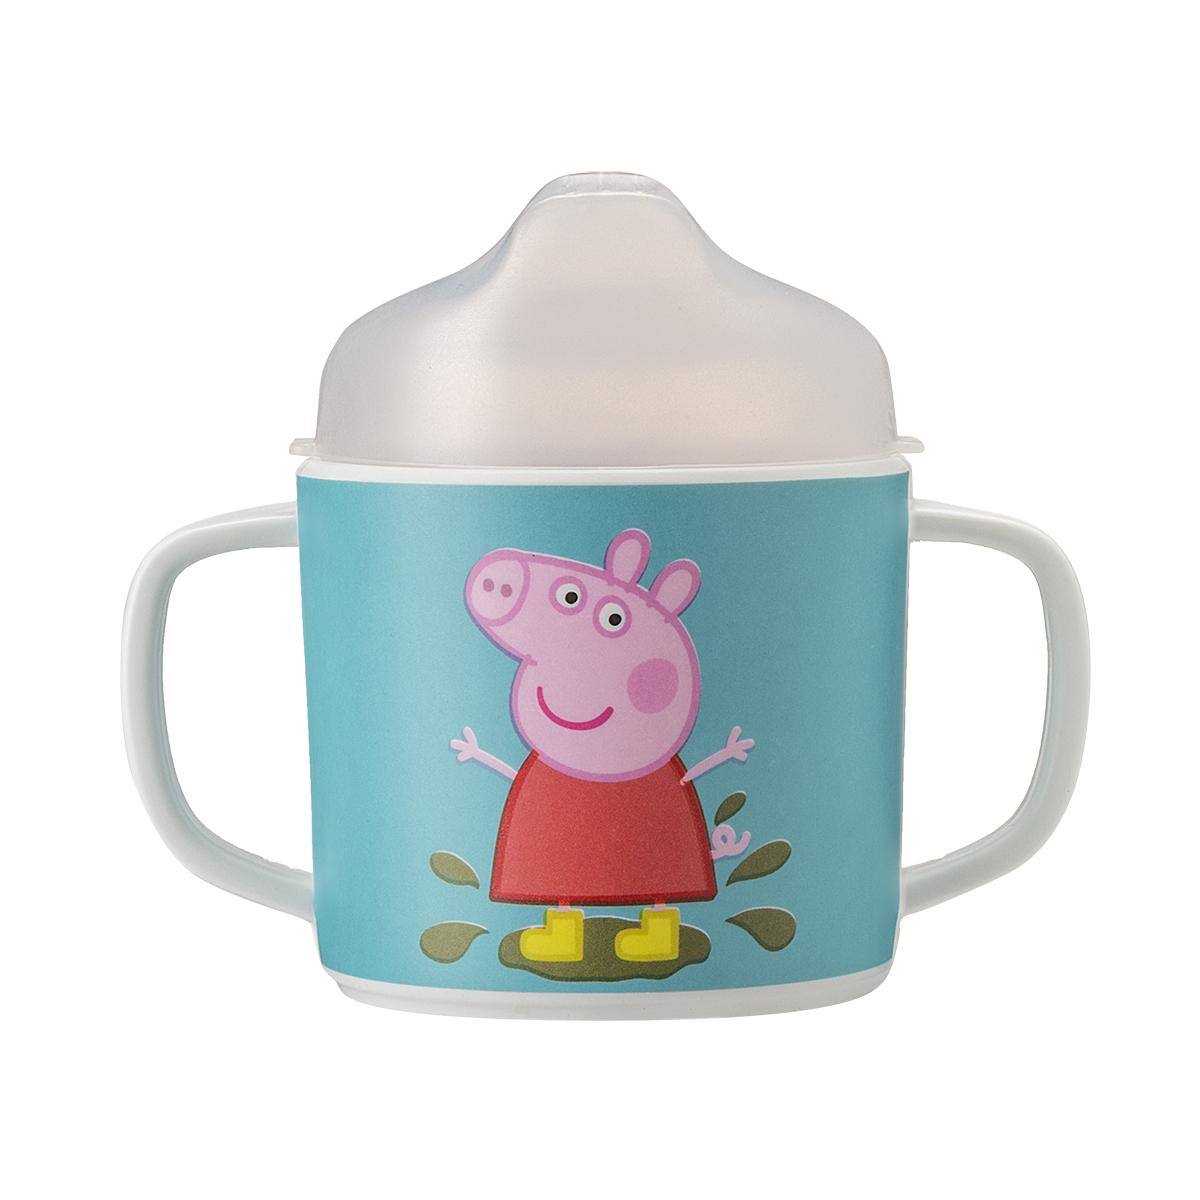 Tasse deux anses avec bec amovible Peppa Pig VERT petit jour paris